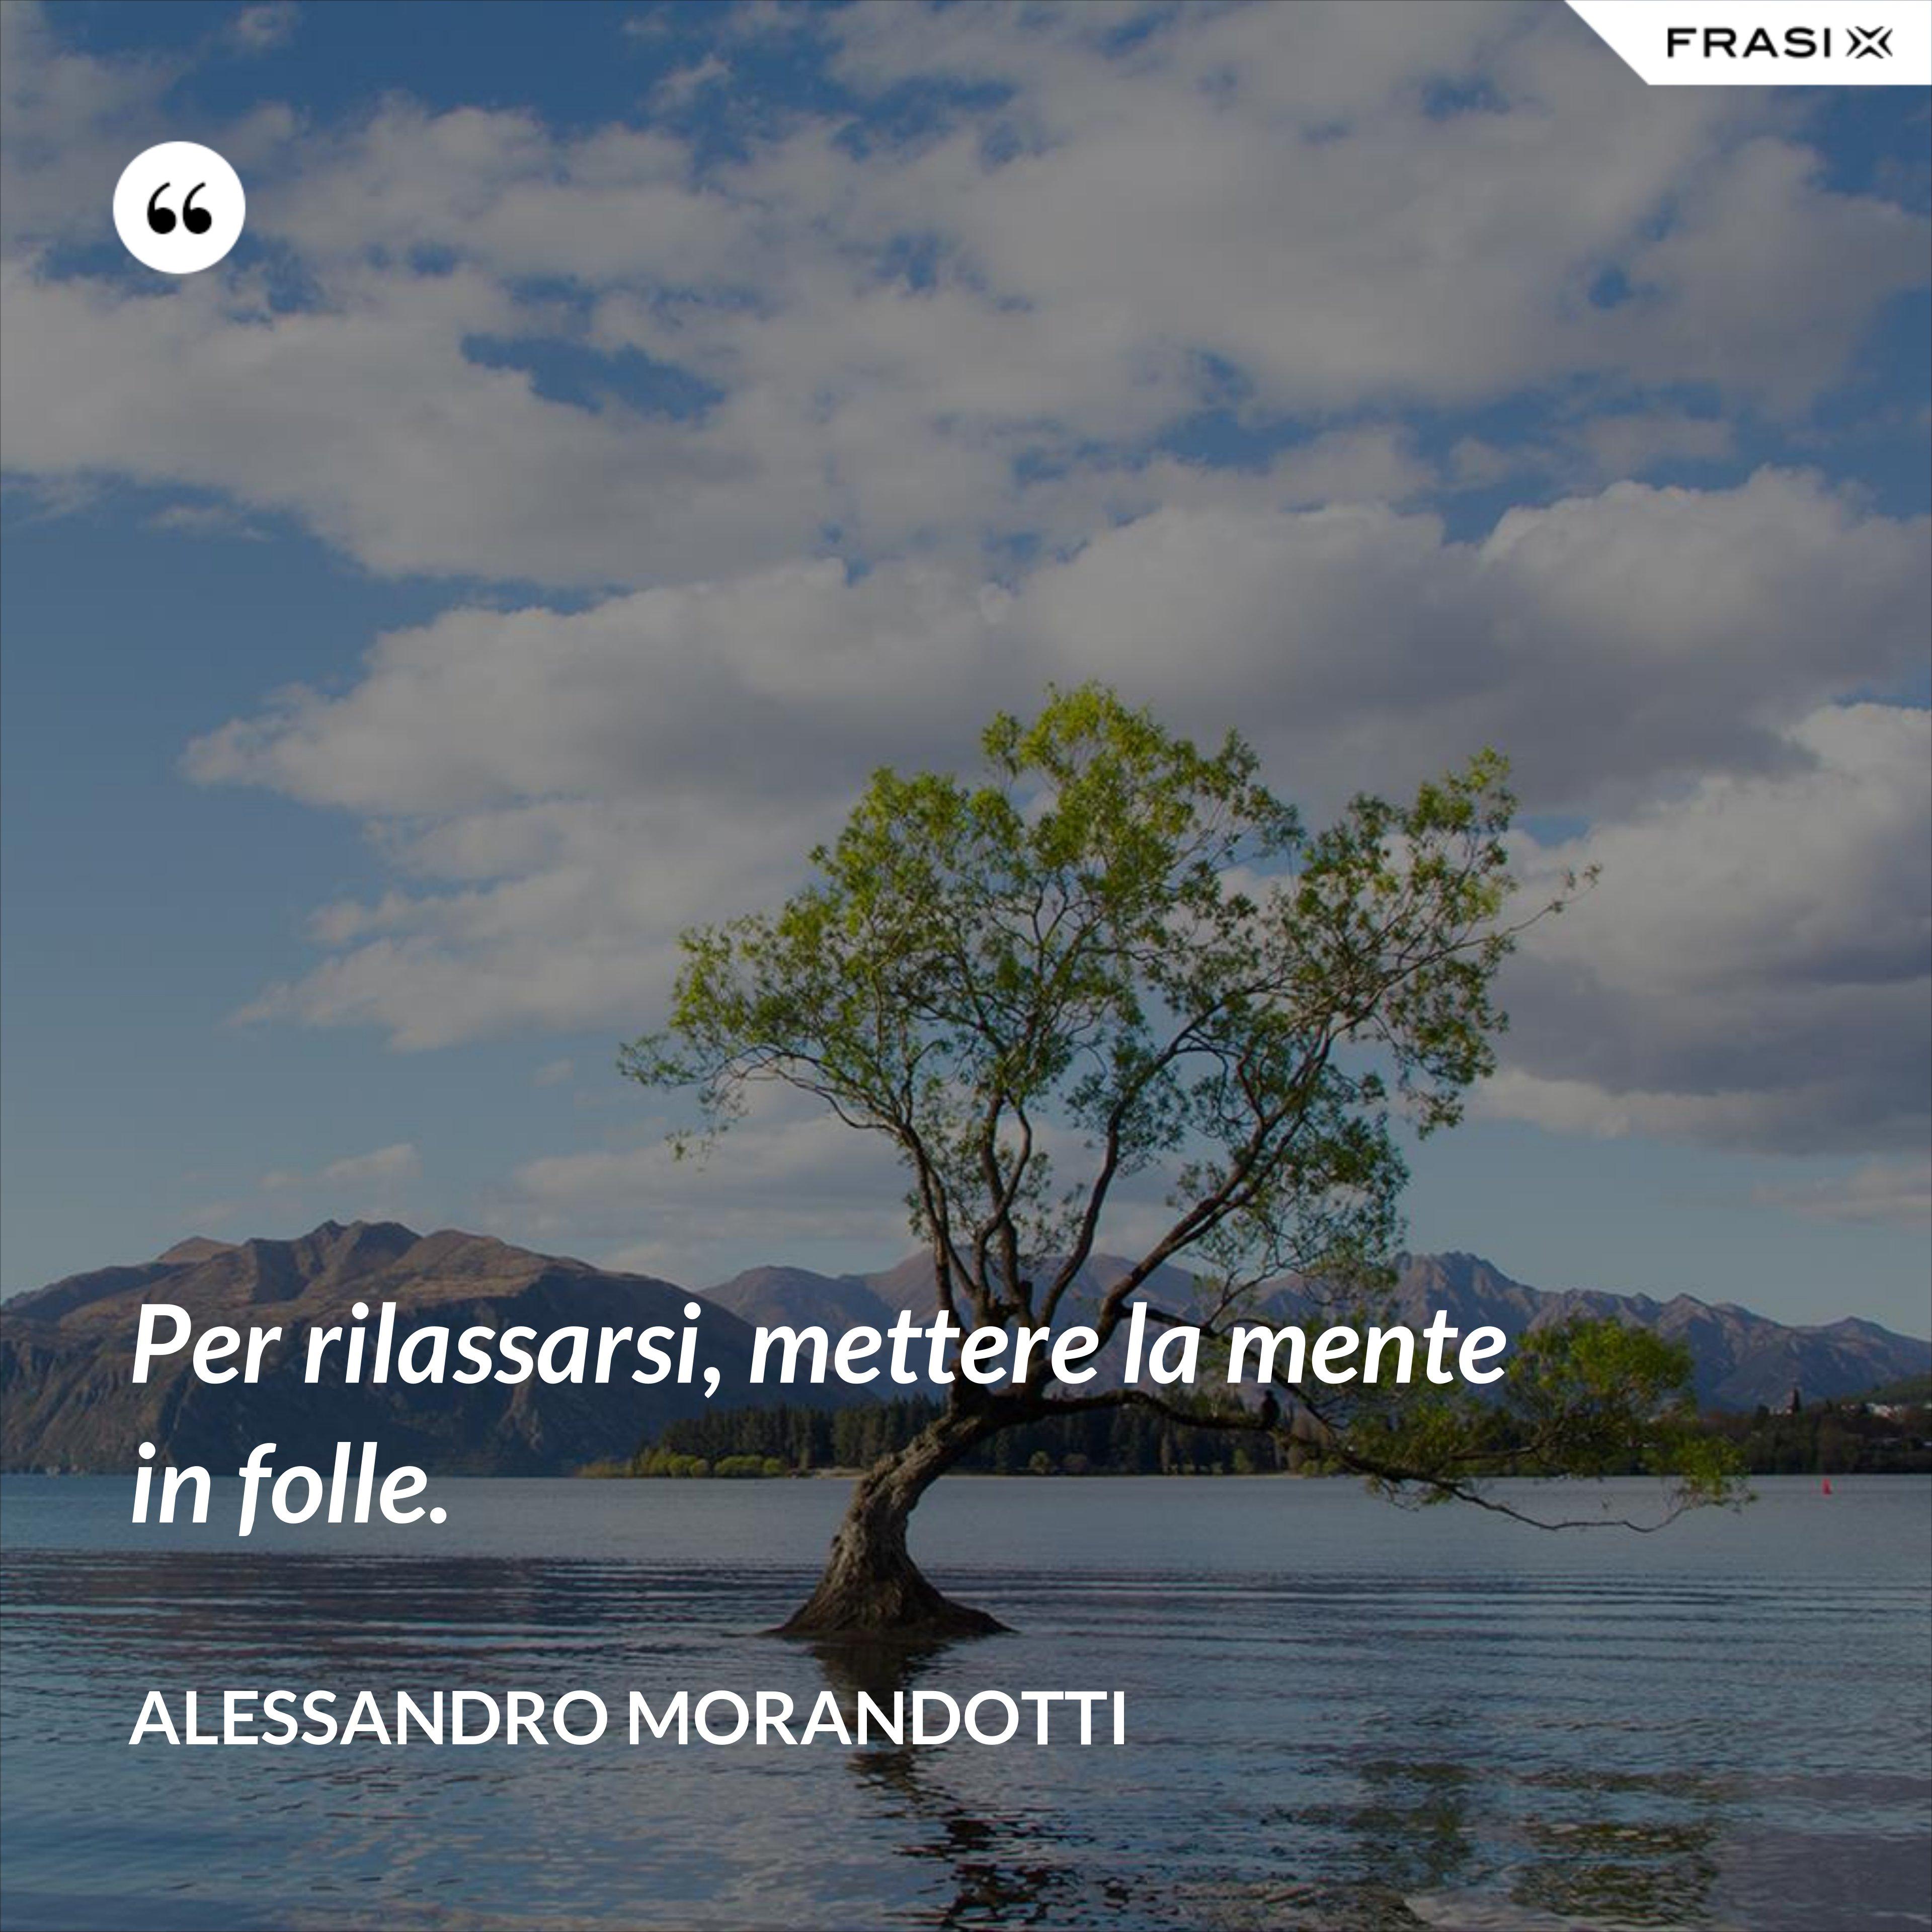 Per rilassarsi, mettere la mente in folle. - Alessandro Morandotti